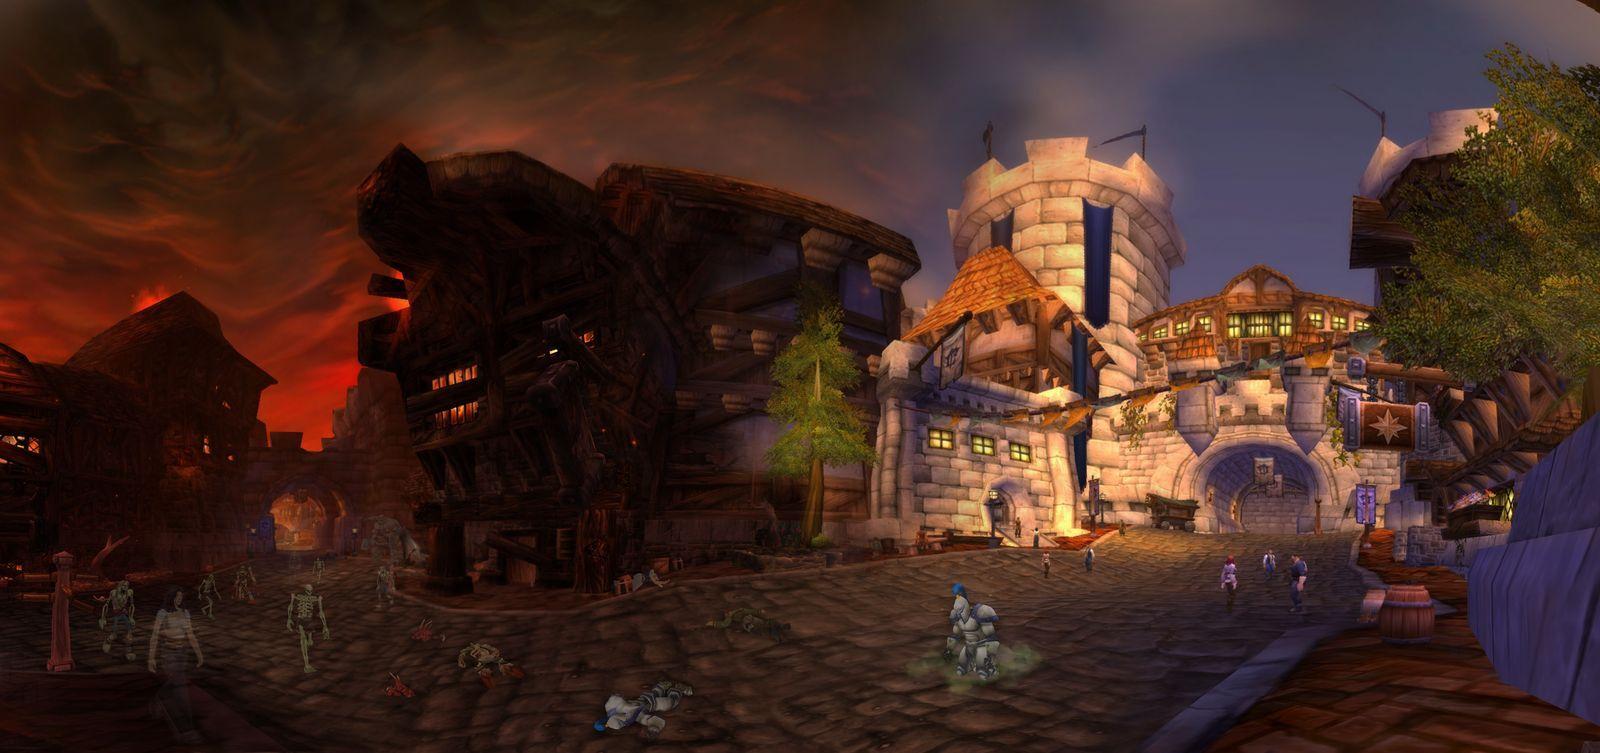 Uther, el profesor de Arthas, se opone a la masacre que planea Arthas. ¿De qué ciudad se trata?